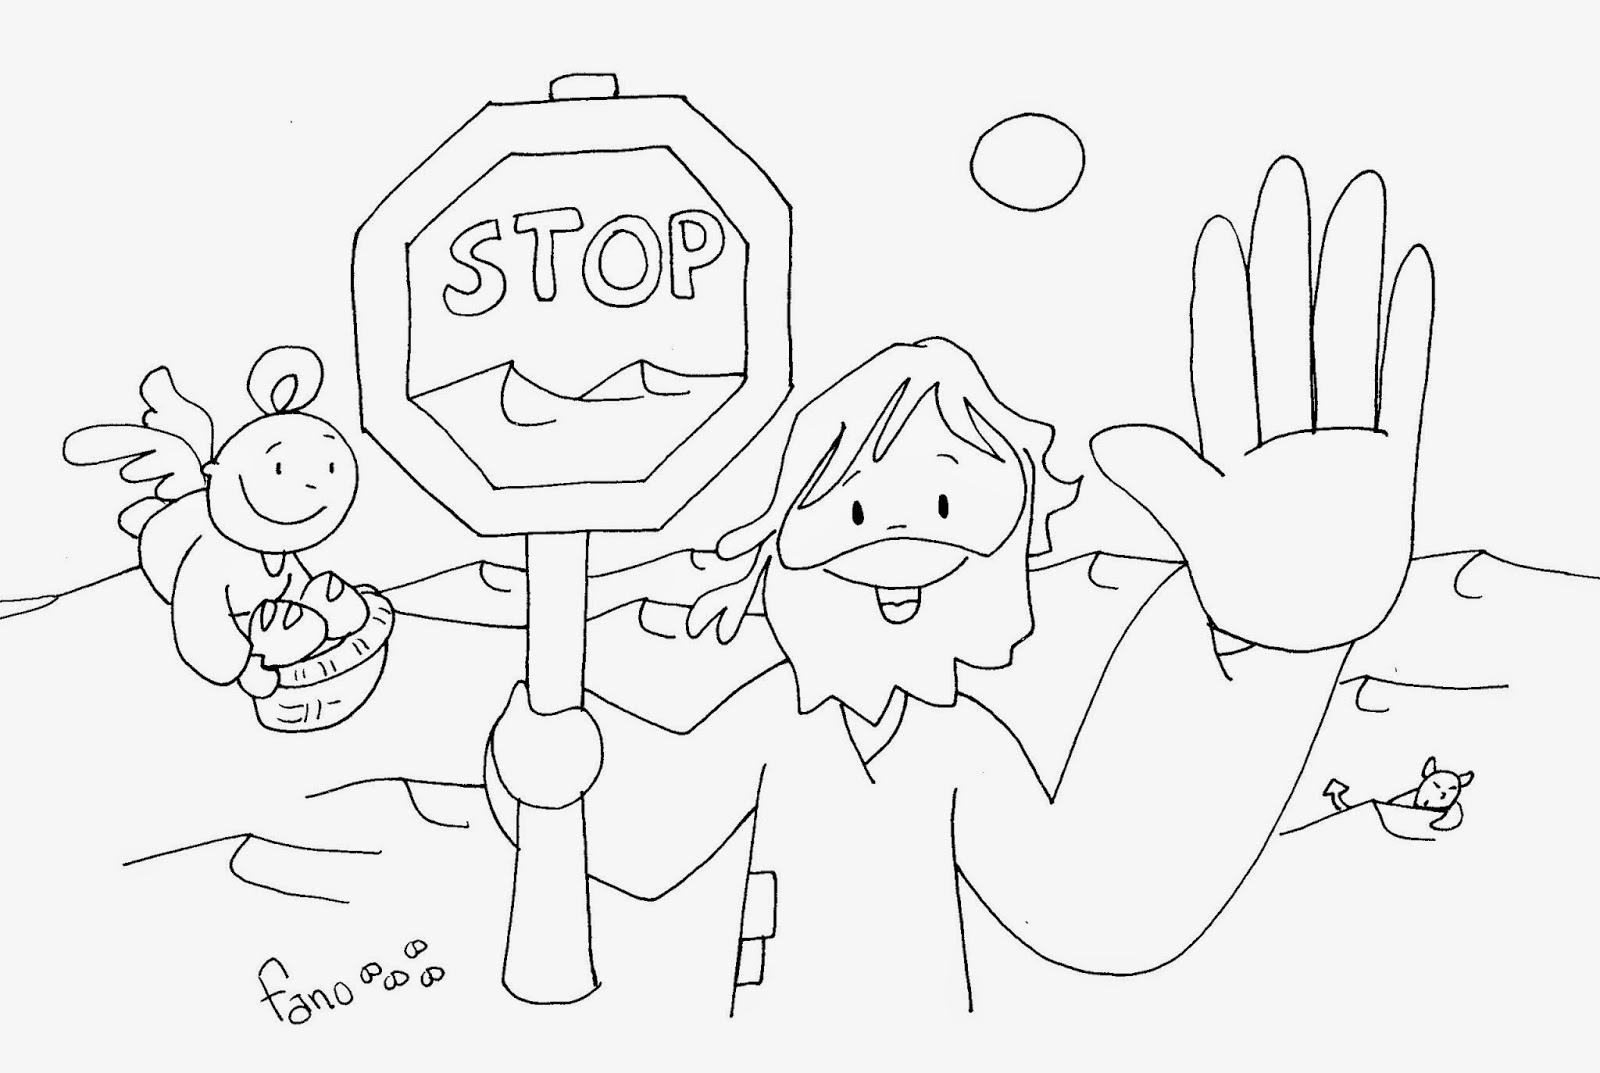 Las Misiones Y Los Niños Dibujos Para Colorear De Niños: La Catequesis (El Blog De Sandra): Nuevo Dibujo De Fano